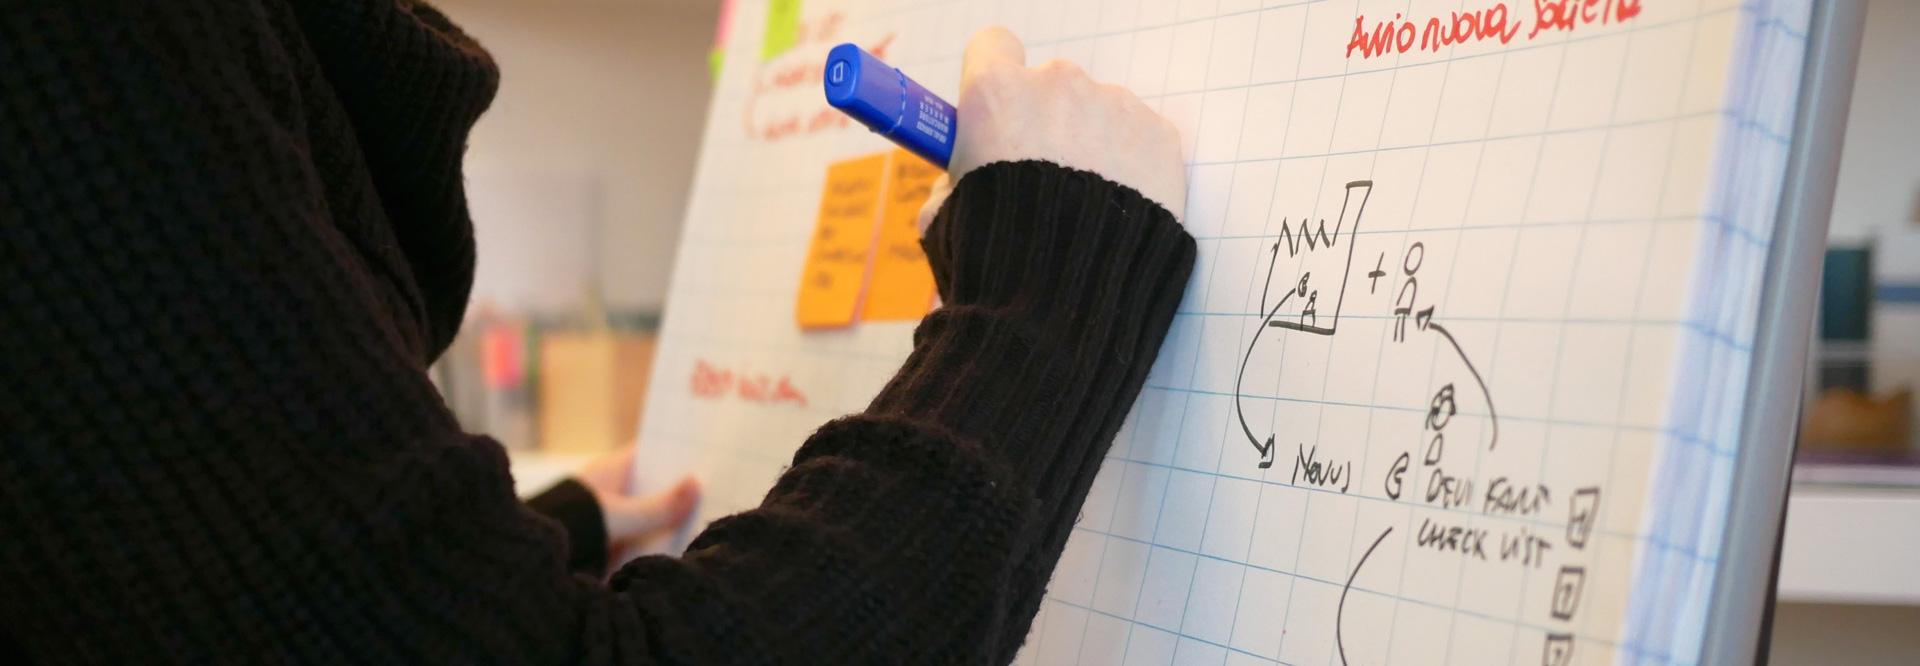 Analisi strategica di marketing nel settore dei servizi alle imprese